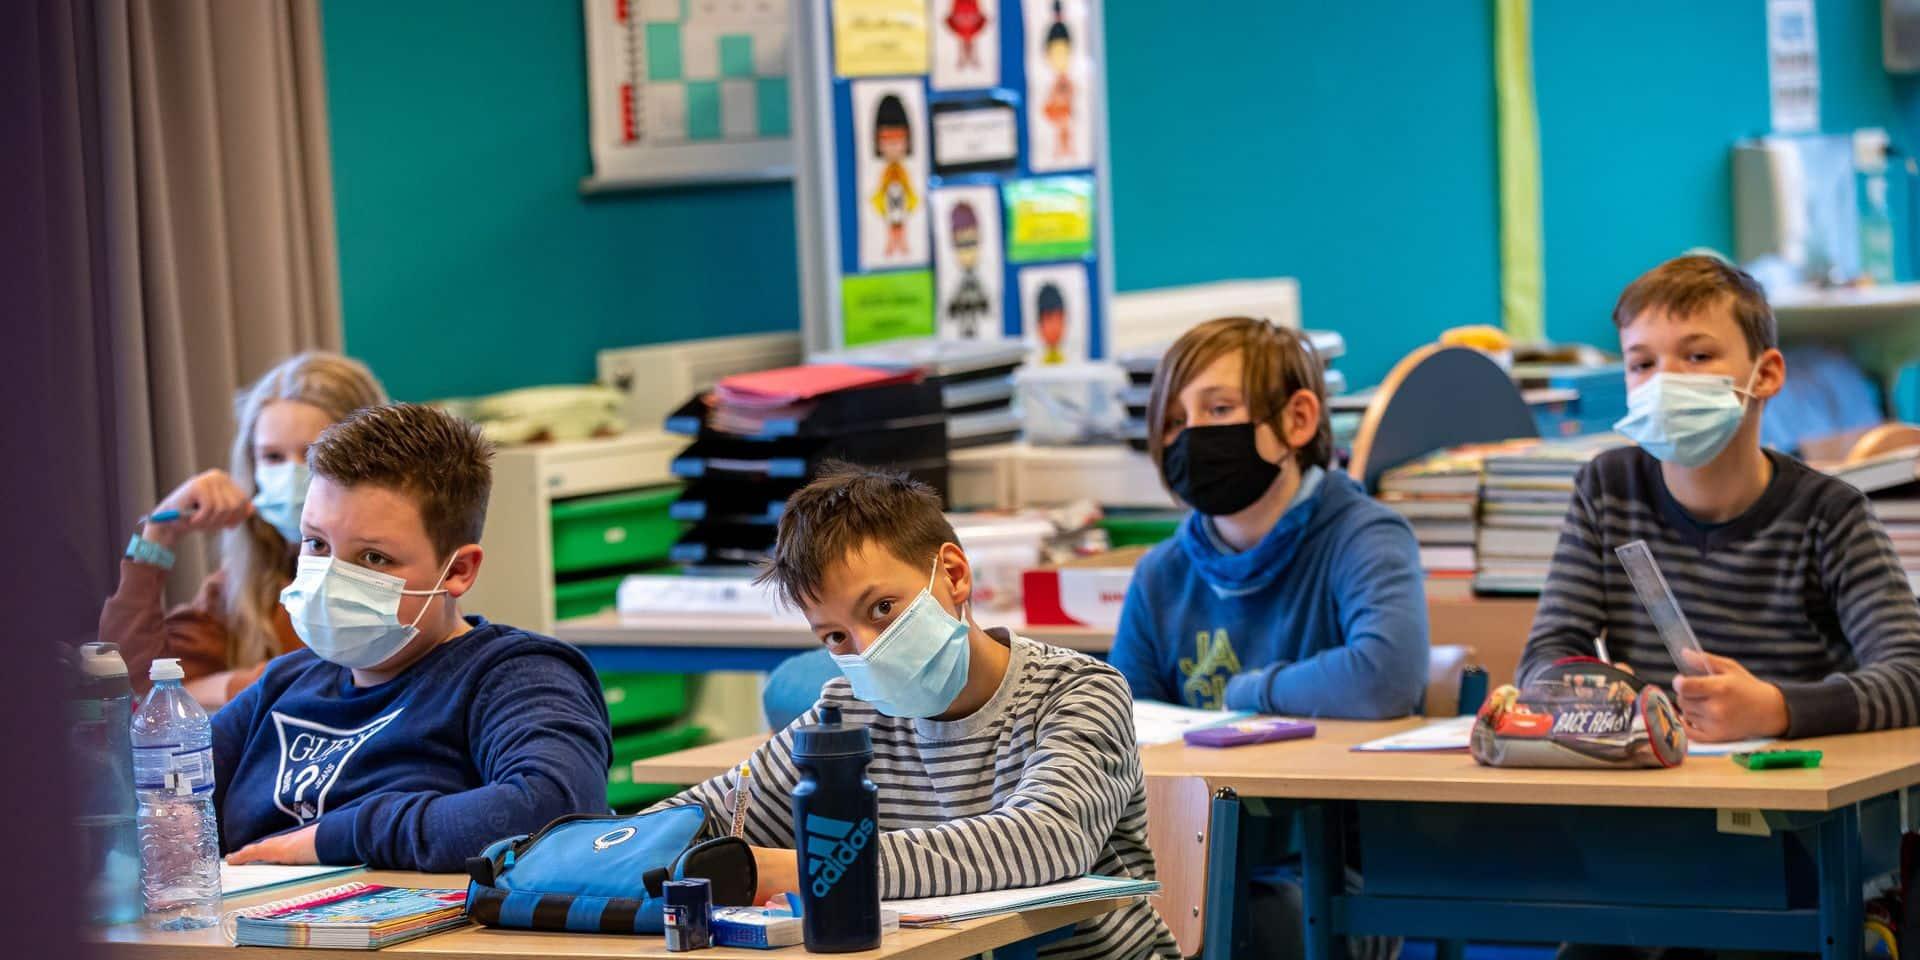 Ecoles fermées: concrètement, comment les garderies vont-elles fonctionner et pour qui?